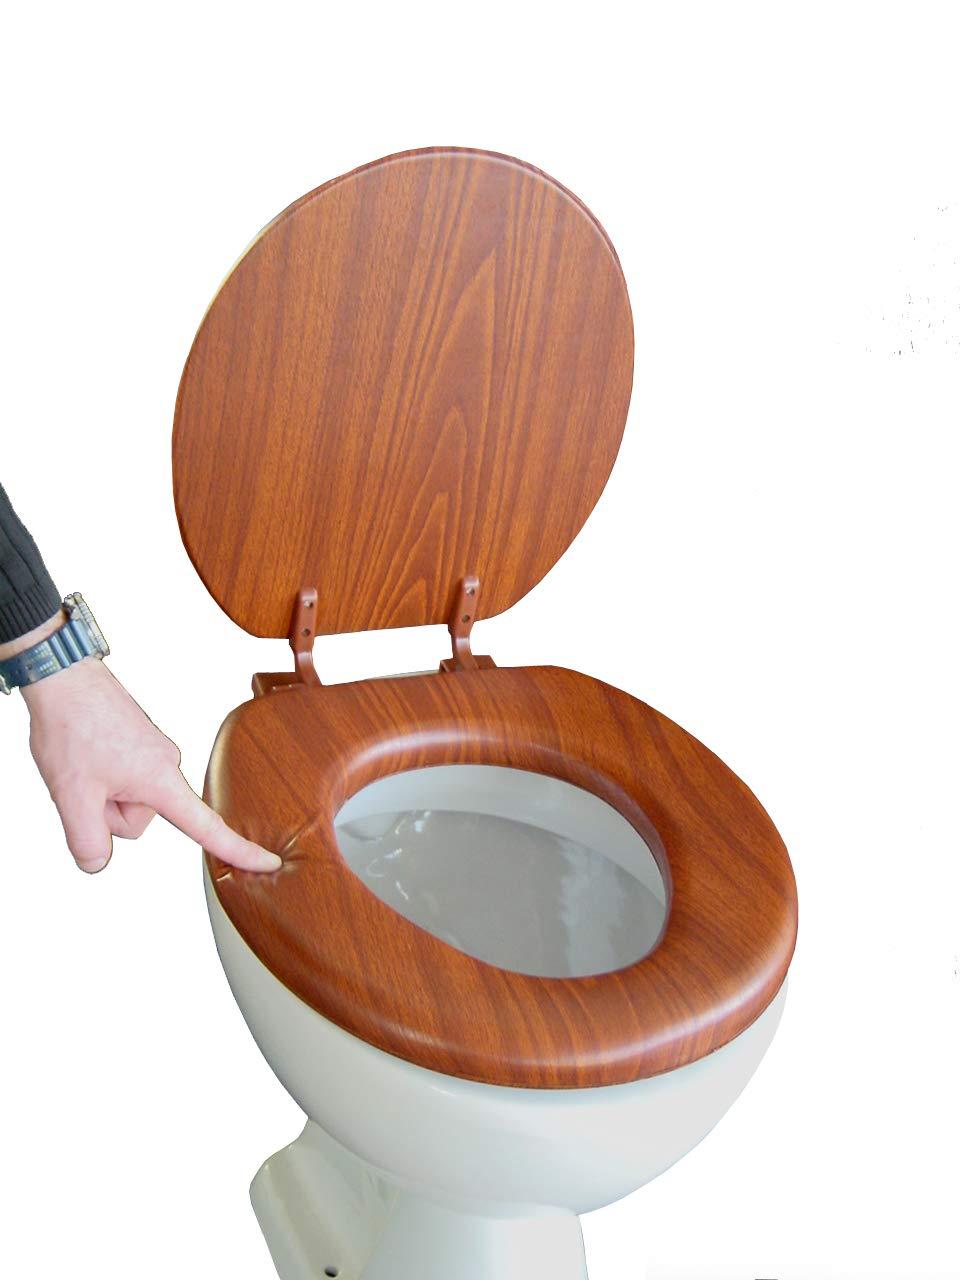 ADOB, Sedile copri WC, imbottito, imitazione legno di quercia 43302